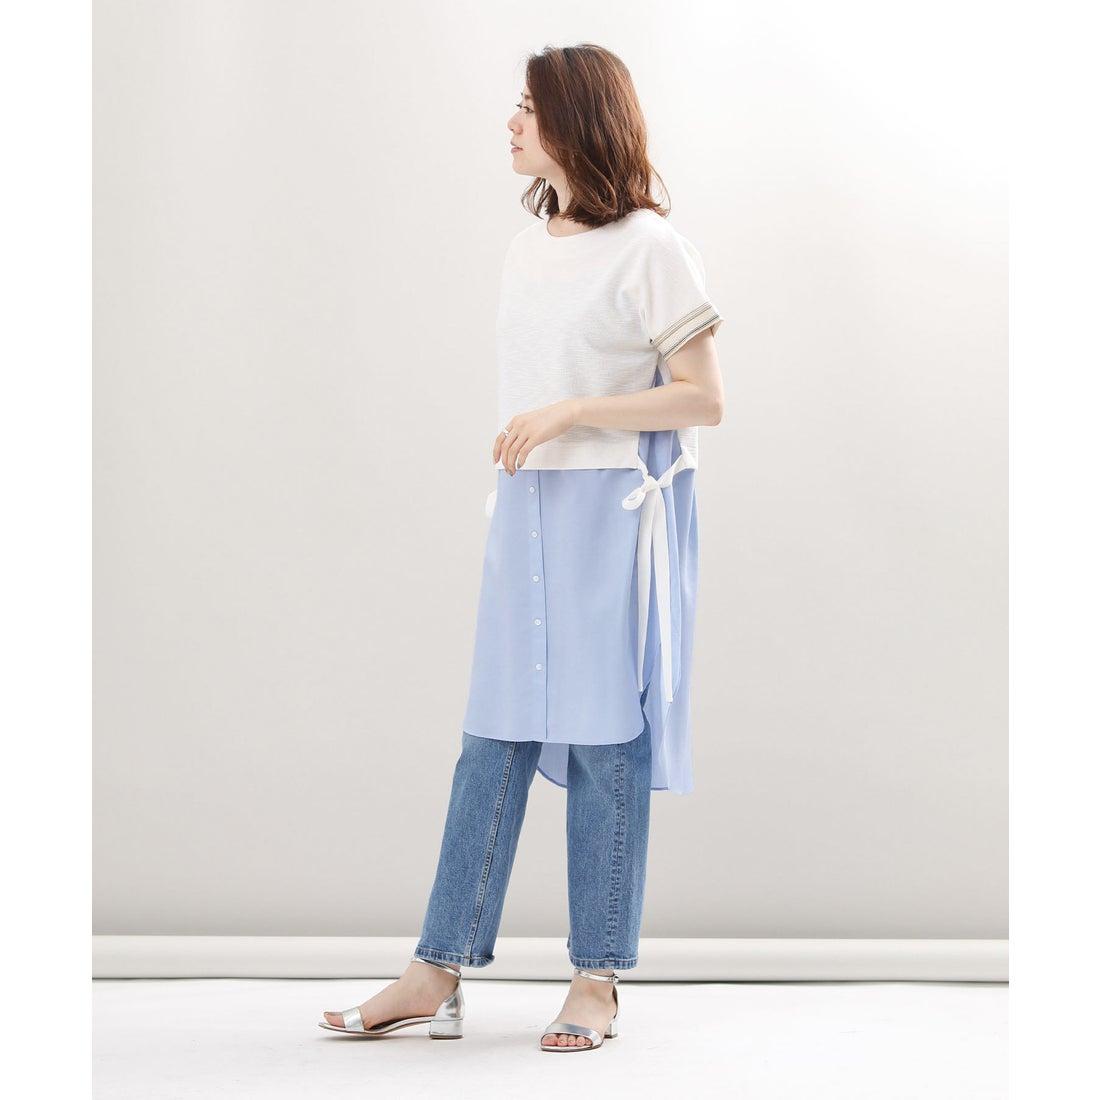 ロコンド 靴とファッションの通販サイトGready Brilliant レイヤード風チュニック(ブルー系)【返品不可商品】